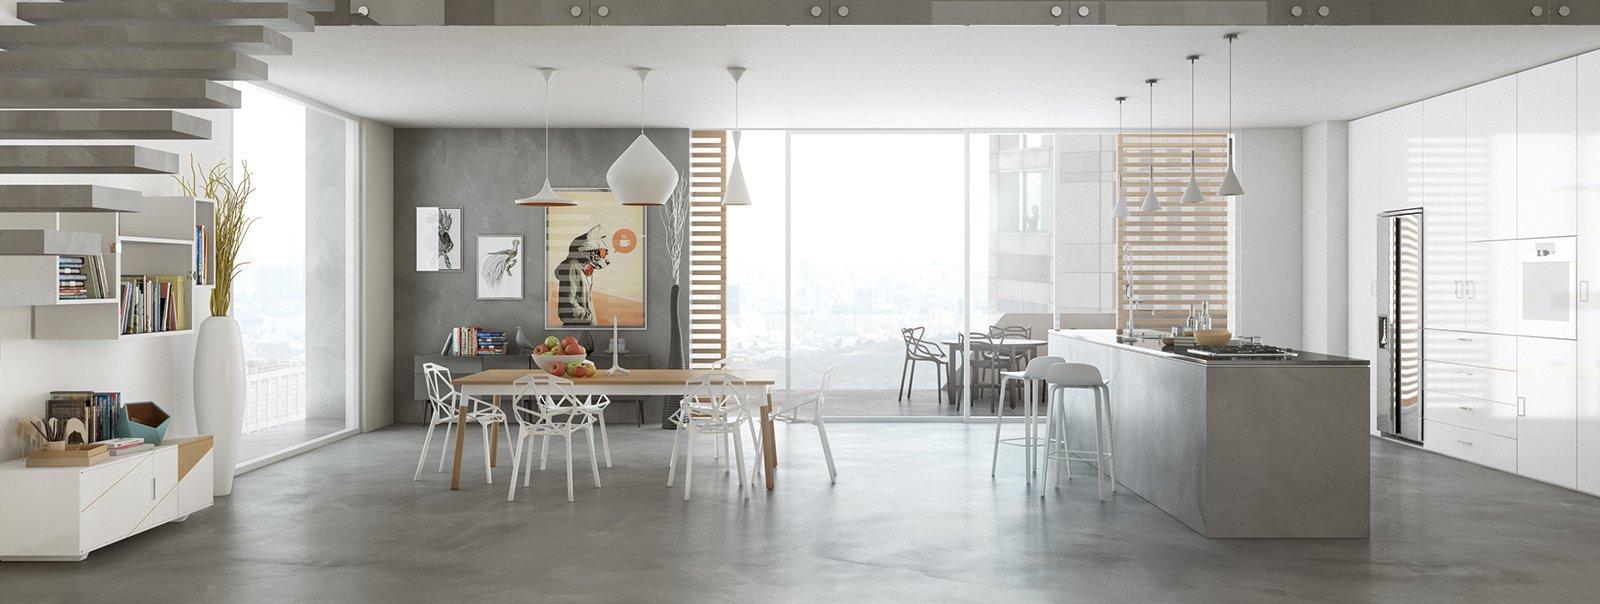 Resina rivestimenti per pavimenti pareti piani di for Piani di casa con cucina esterna e piscina